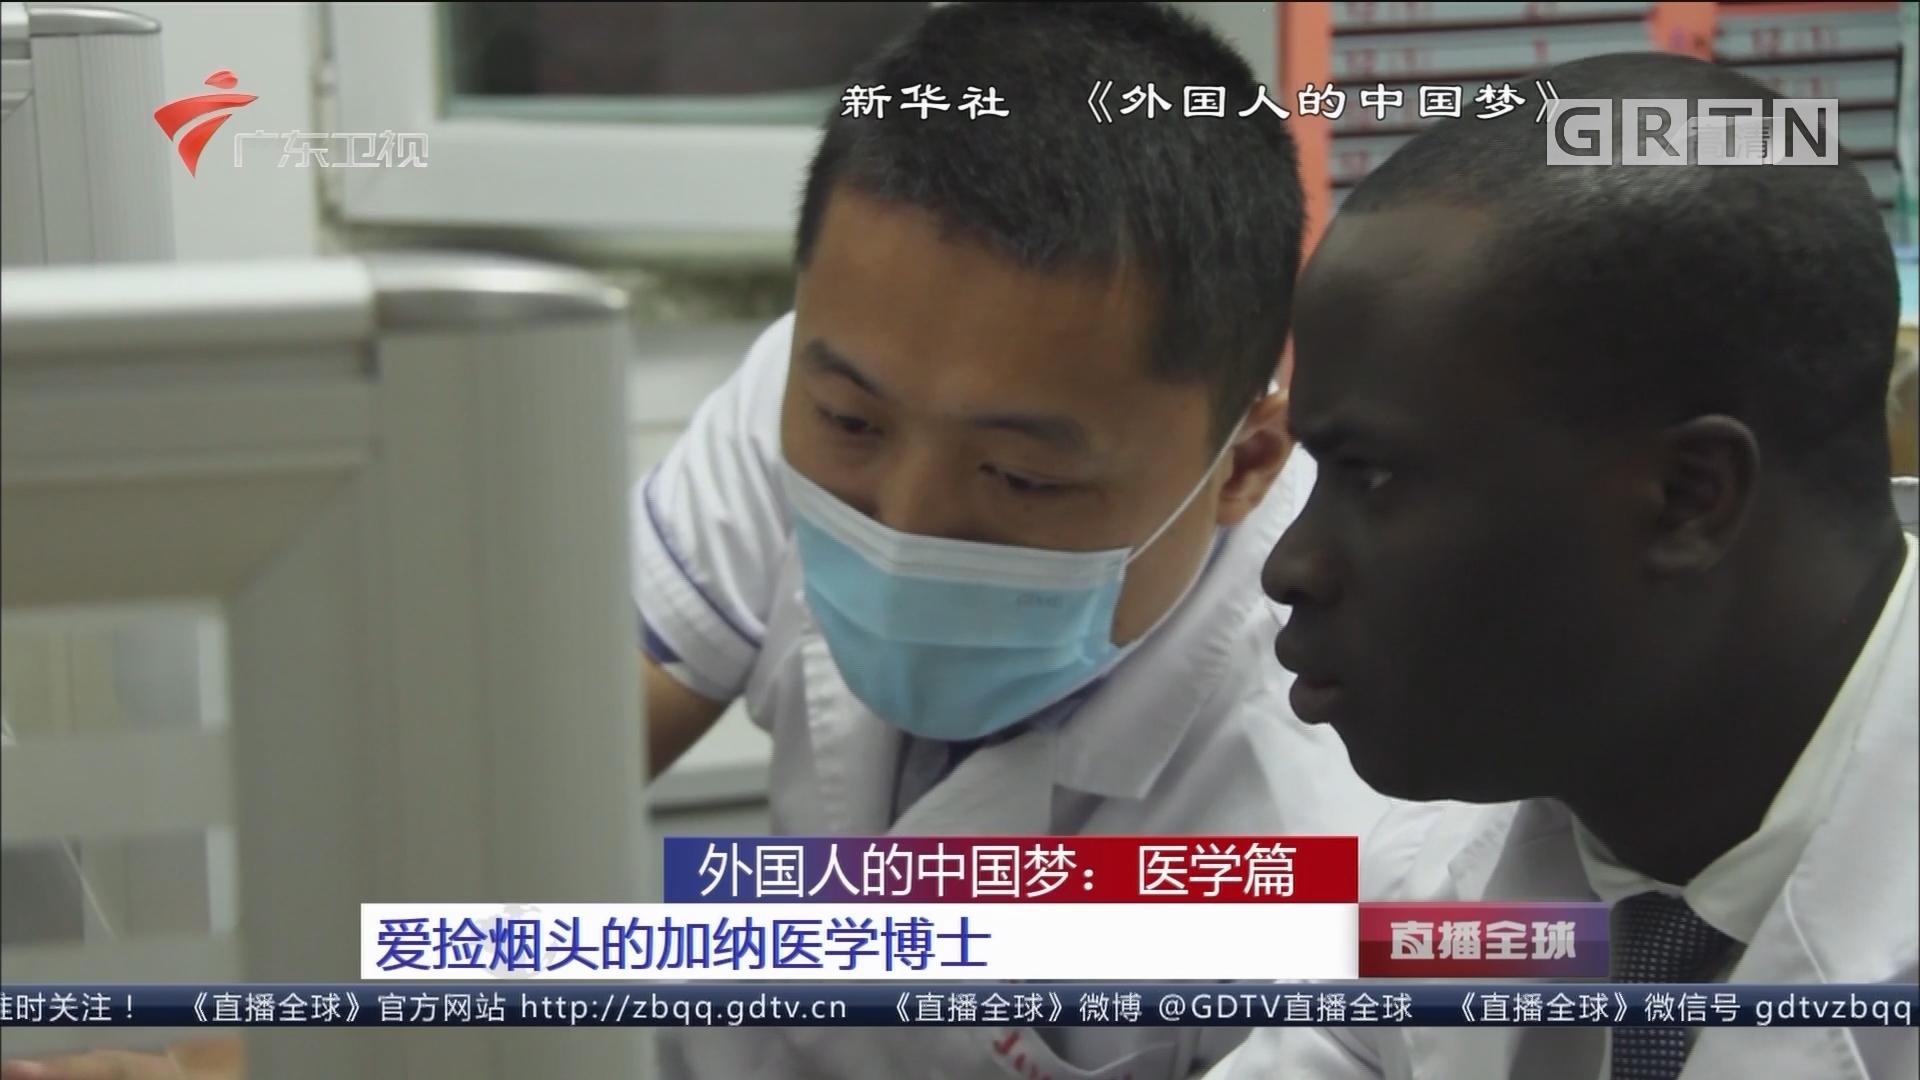 外国人的中国梦:医学篇 爱捡烟头的加纳医学博士